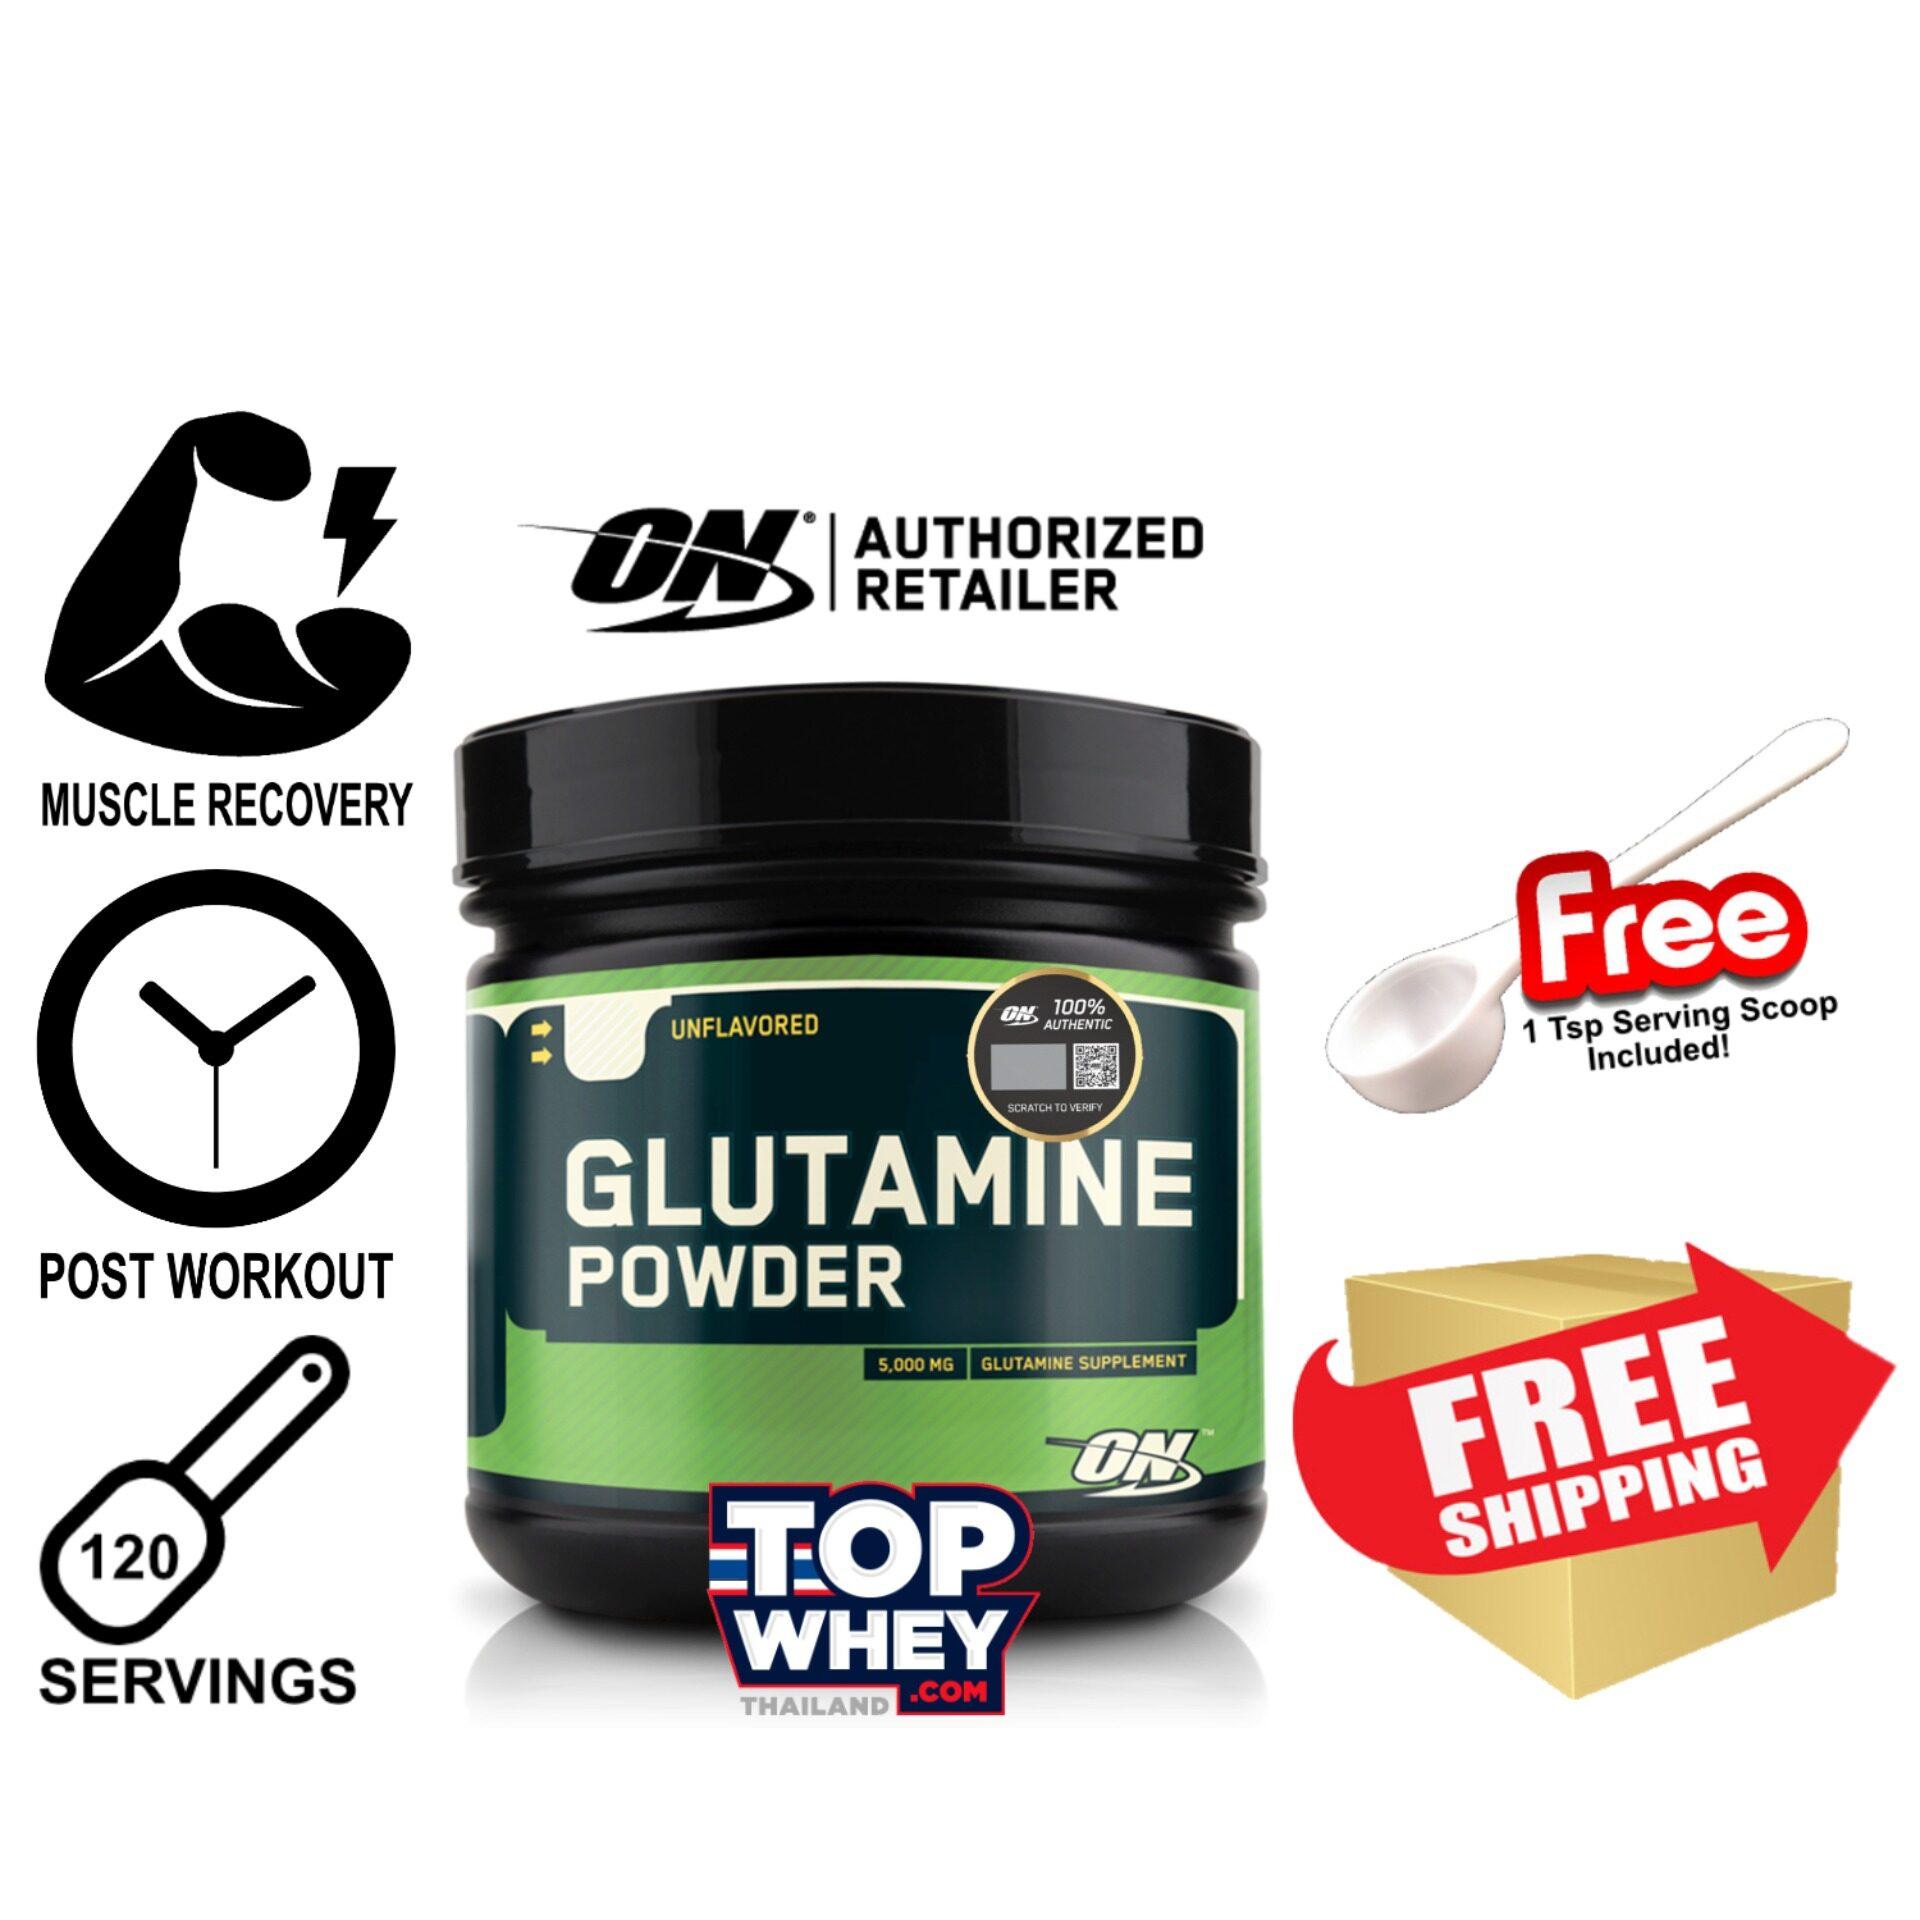 Optimum Nutrition Glutamine Powder – 600g – แอล-กลูตามีน ฟื้นฟูและเสริมสร้างกล้ามเนื้อ ช่วยในการเพิ่มขนาดเซลล์กล้ามเนื้อและเพิ่มการผลิต growth hormone ตามธรรมชาติ ให้พลังงานและขจัดสารพิษให้กับสมอง ไม่ปรุงแต่งรส